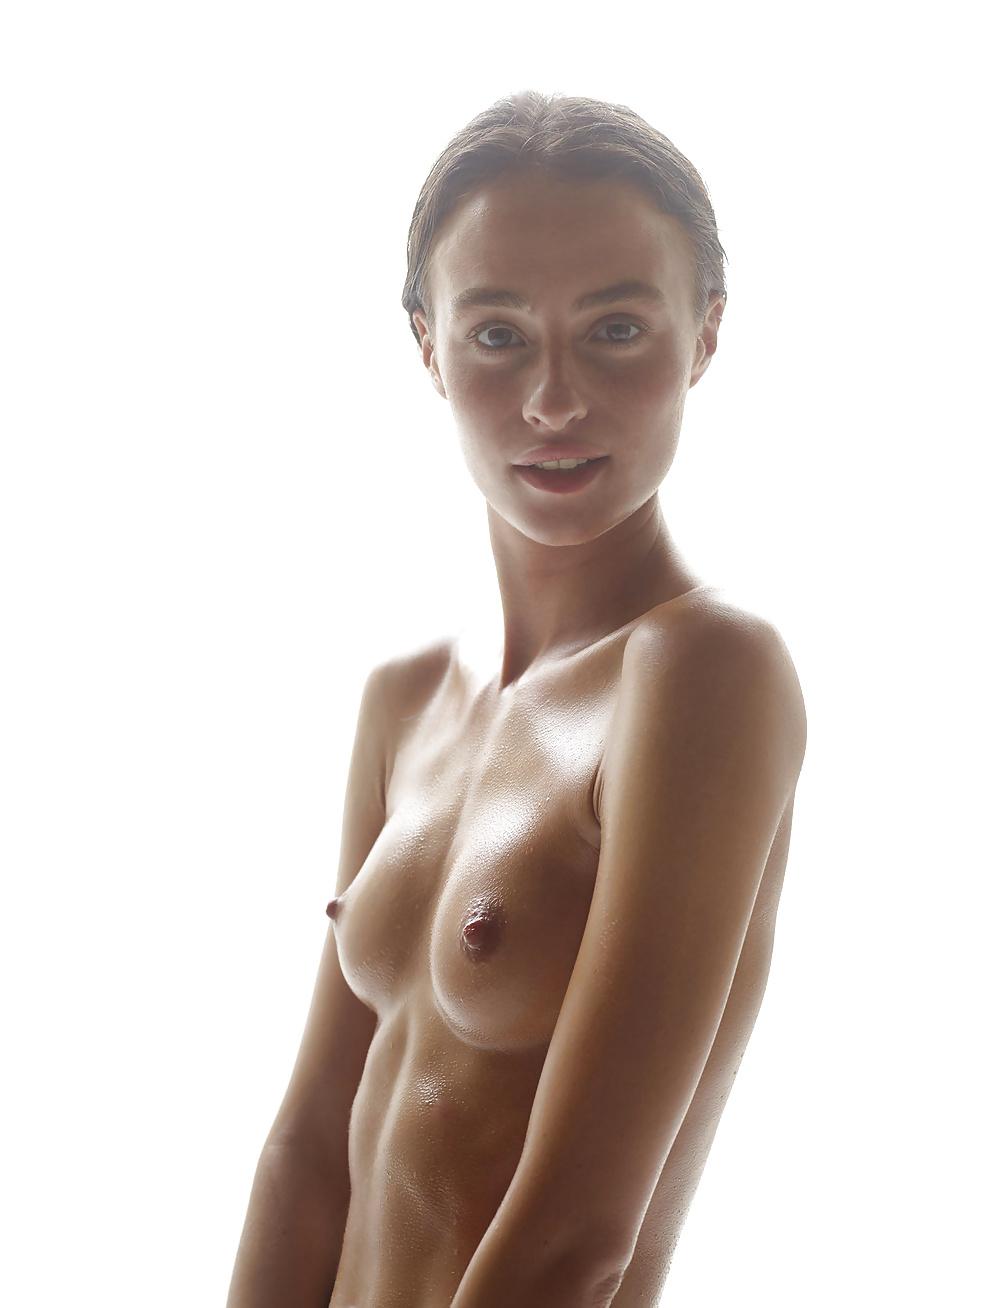 tiny tiny tiny tits